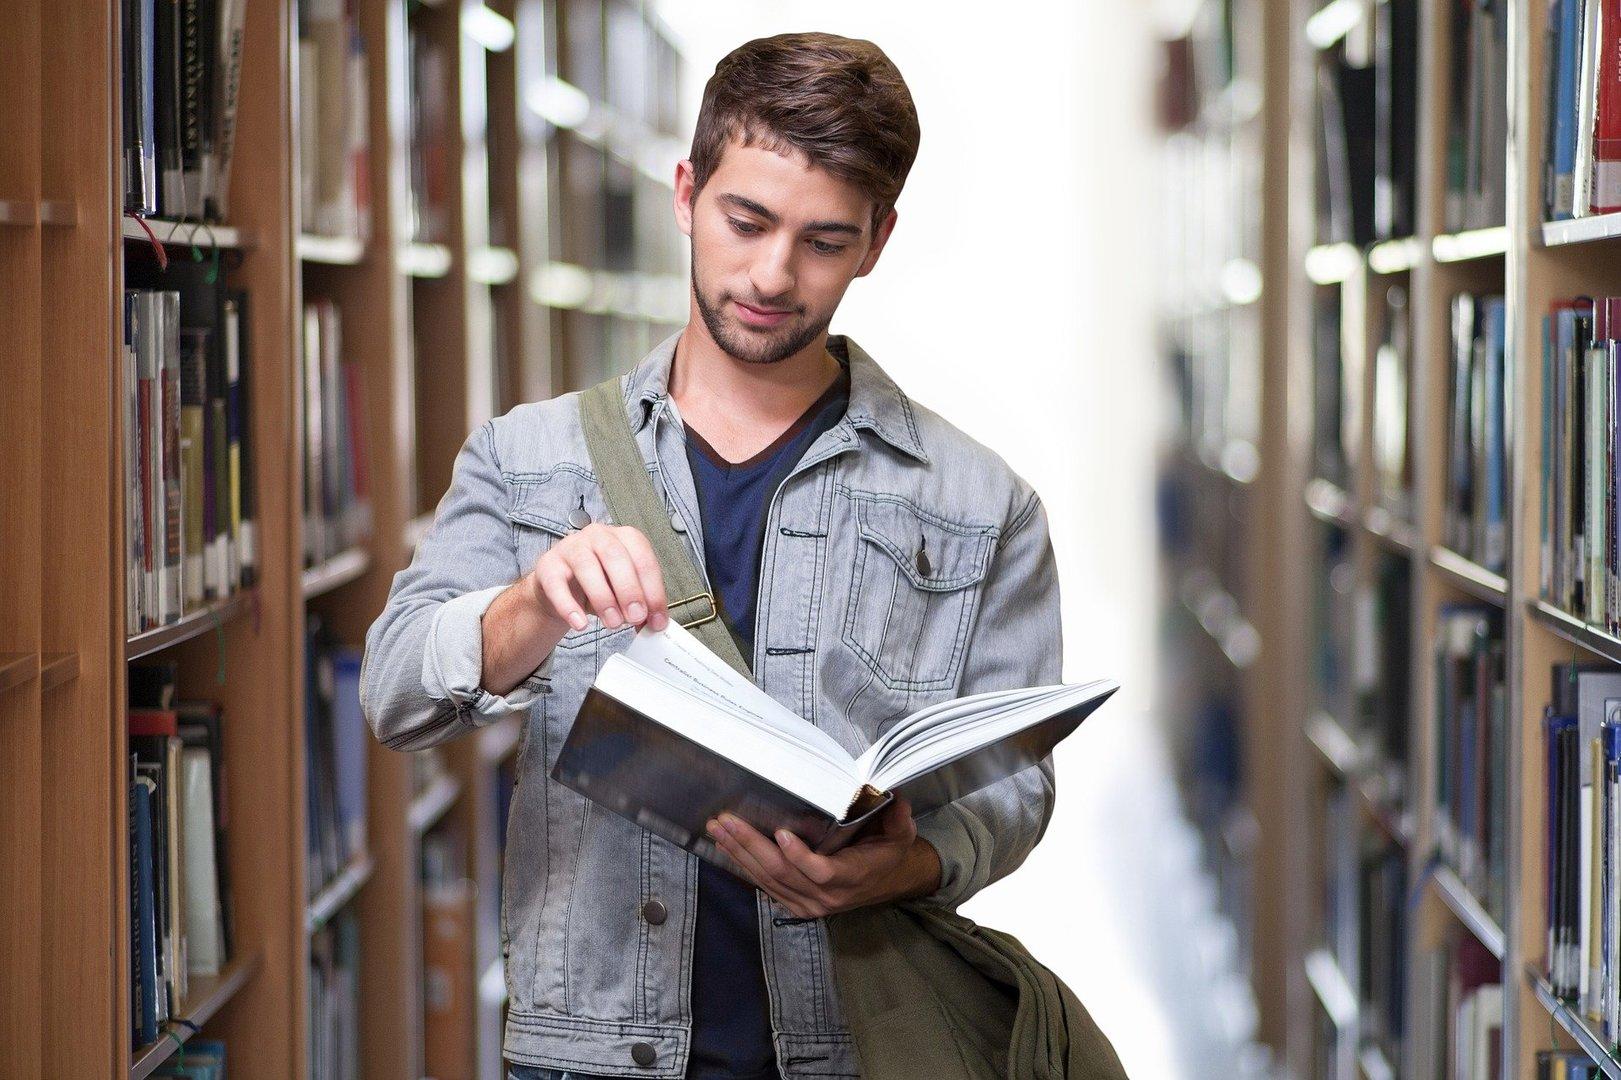 Student z książką.